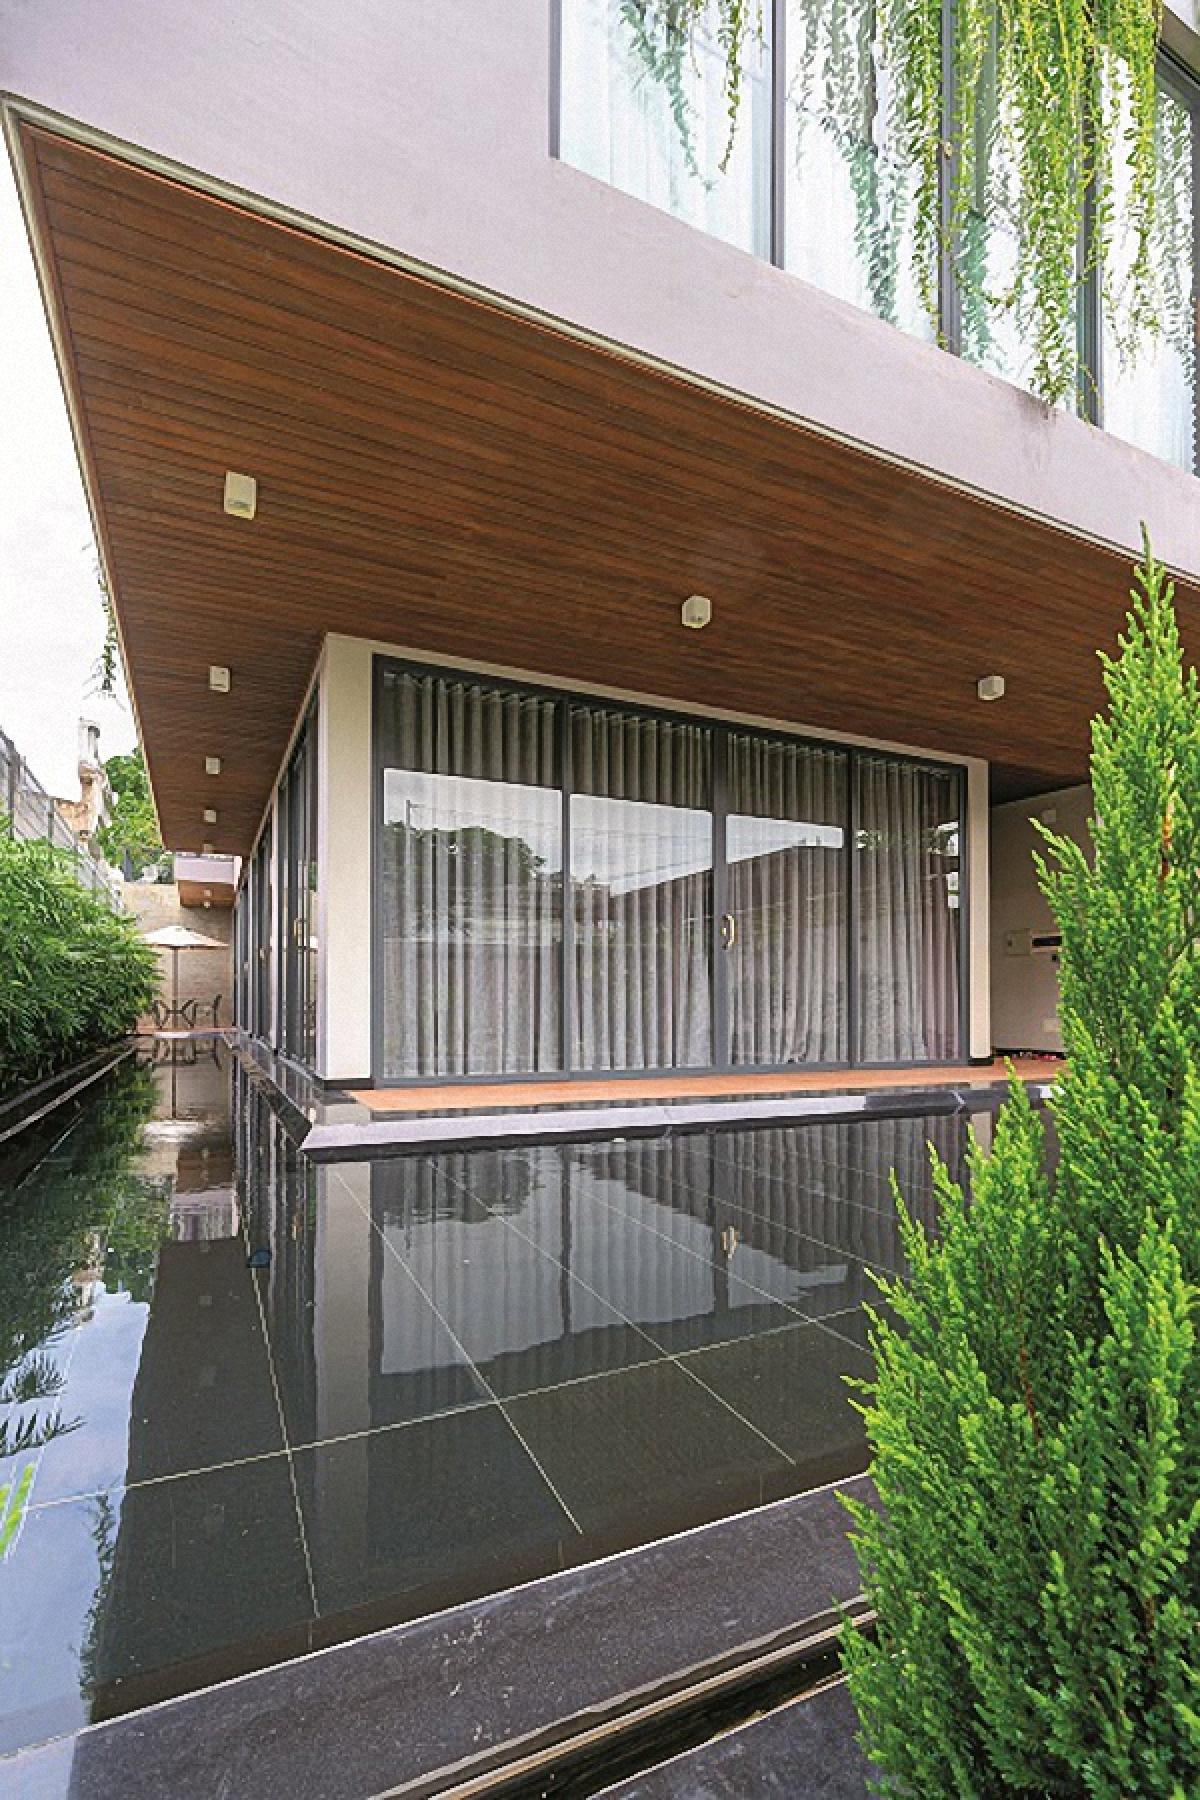 Các kiến trúc sư đã cho thiết kế hồ nước bao quanh tầng trệt giúp cho ngôi nhà luôn mát mẻ. Và khi cửa mở ra, ngôi nhà không bị giới hạn giữa trong và ngoài, luôn có sự kết nối giữa con người với thiên nhiên.